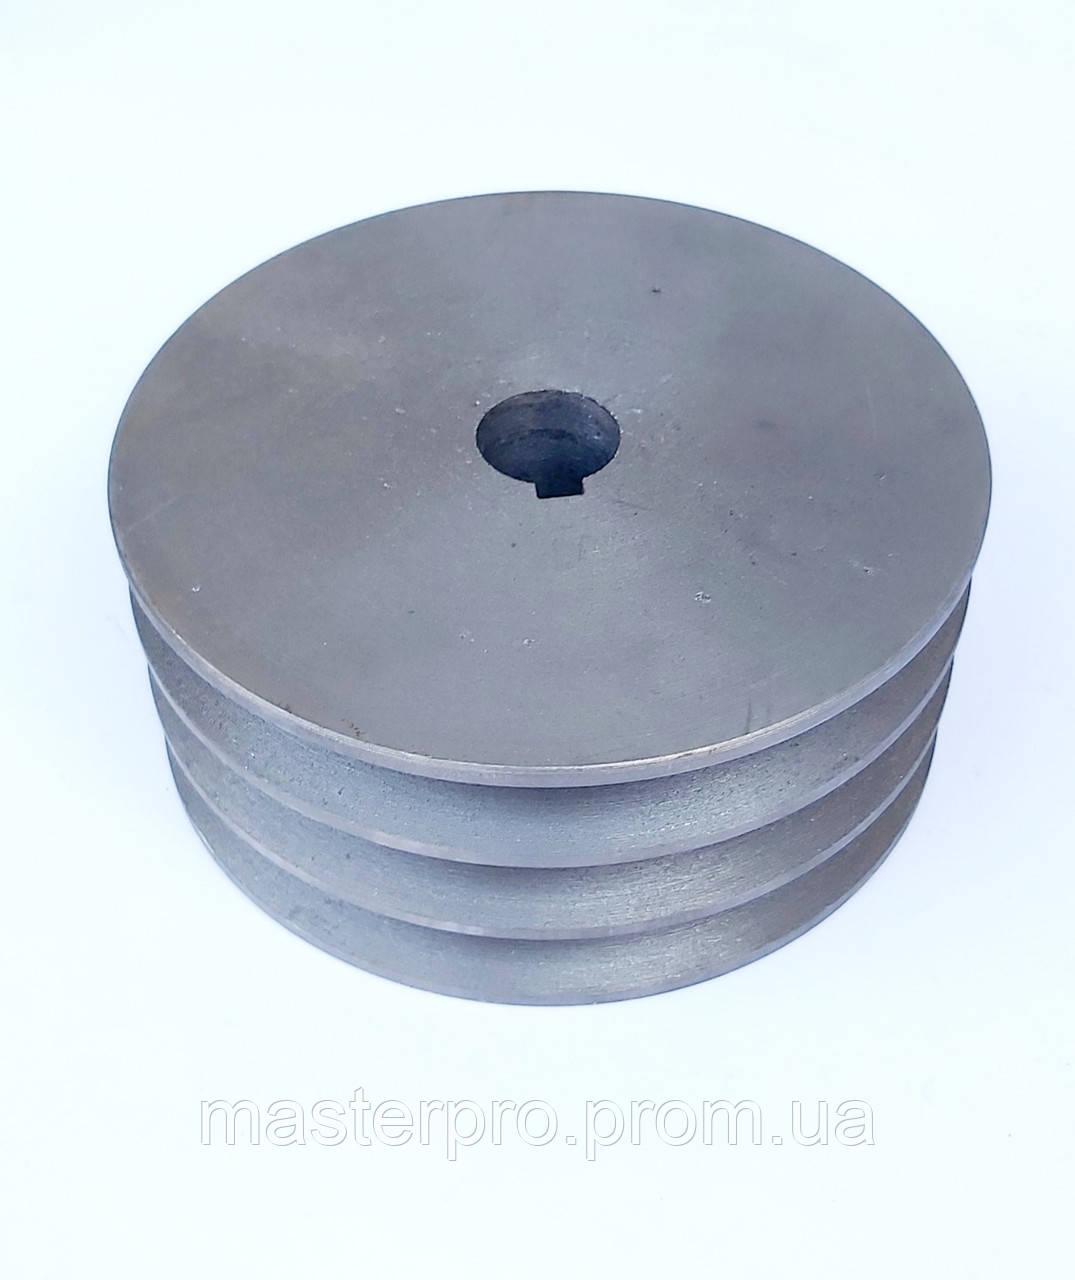 Шкив на вал 25 мм диаметр 150 мм 3 ручья профиль Б